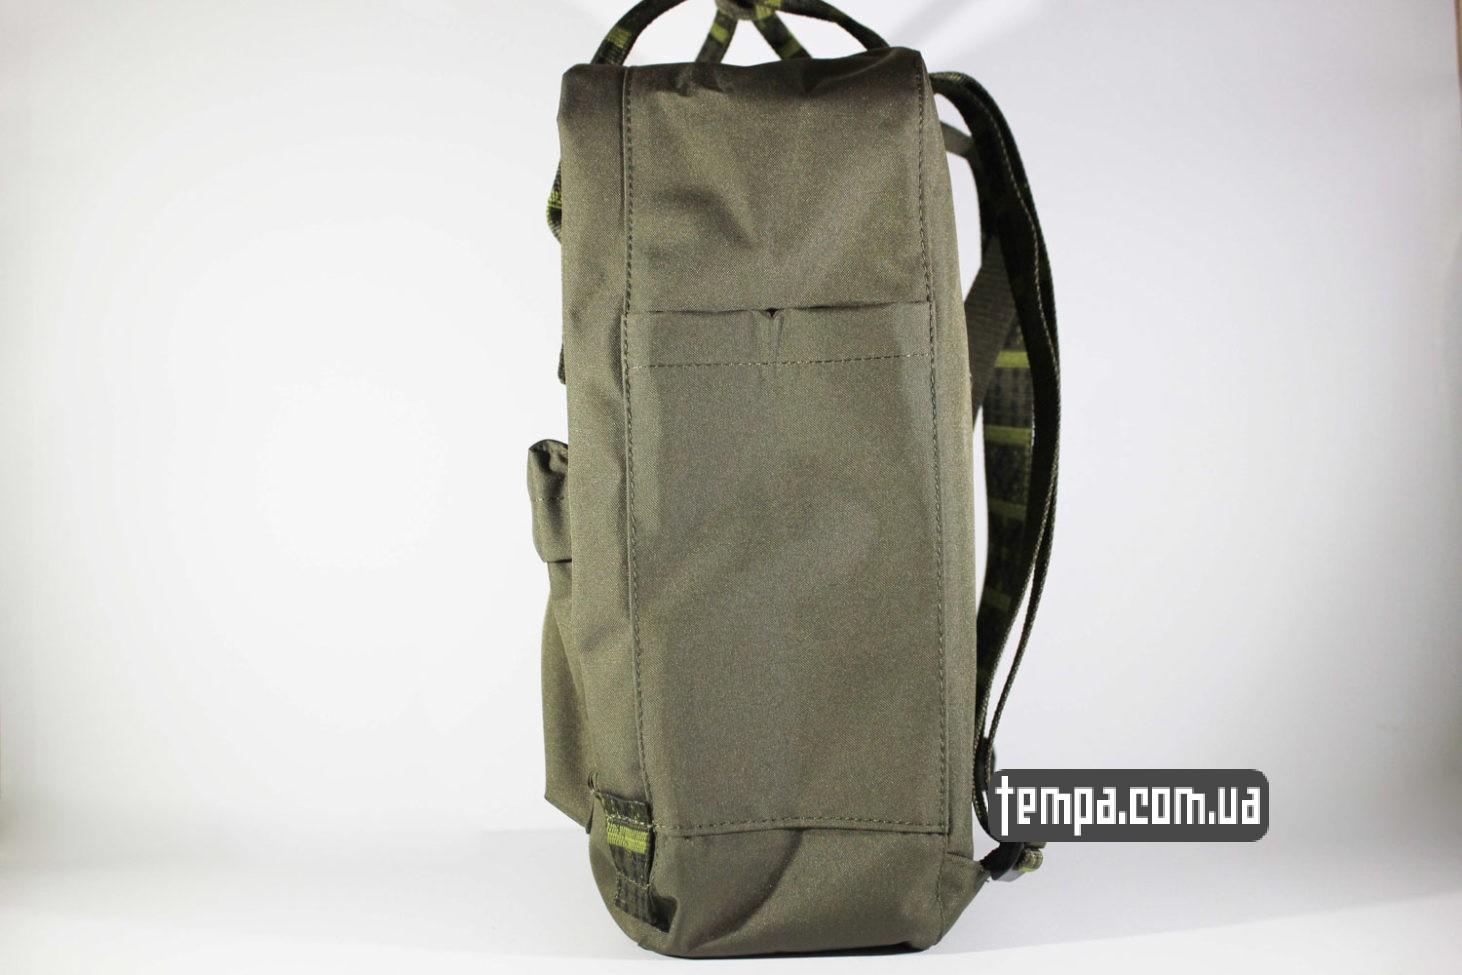 сумка чемодан kanken fjällräven купить зеленый рюкзак украина